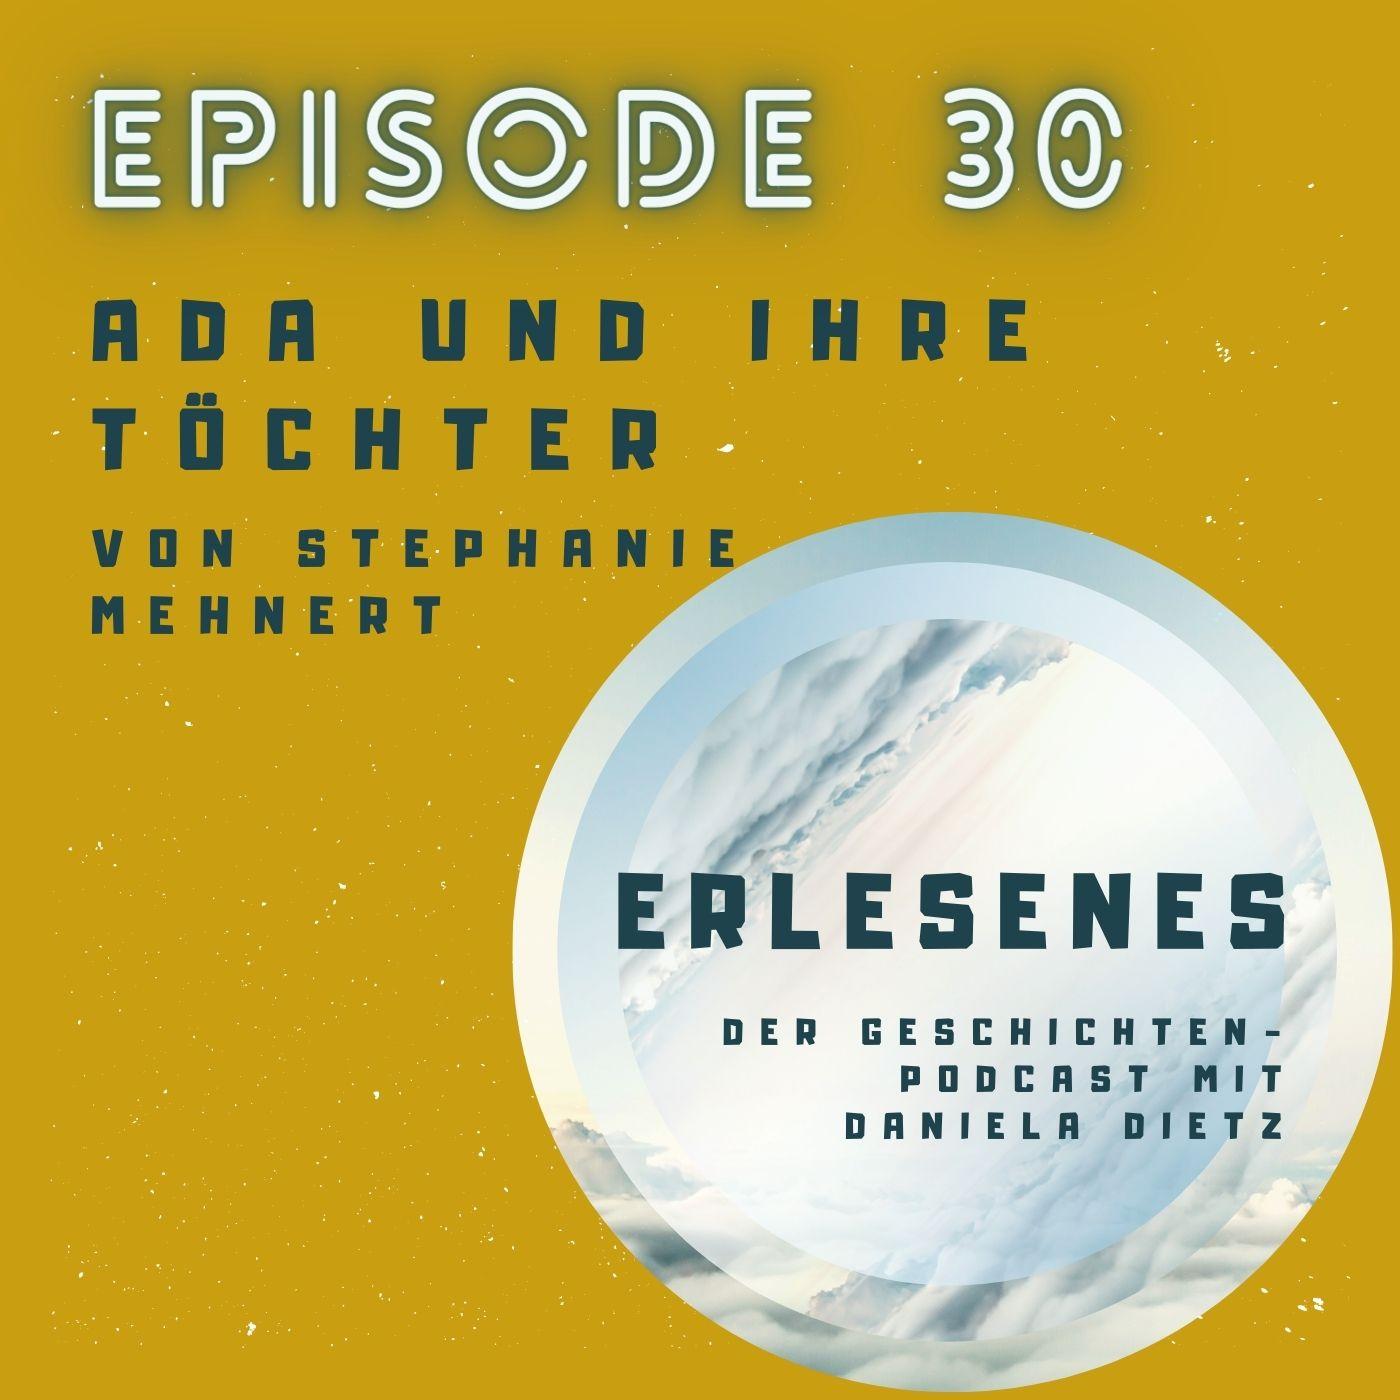 Episode 30: Ada und ihre Töchter von Stephanie Mehnert